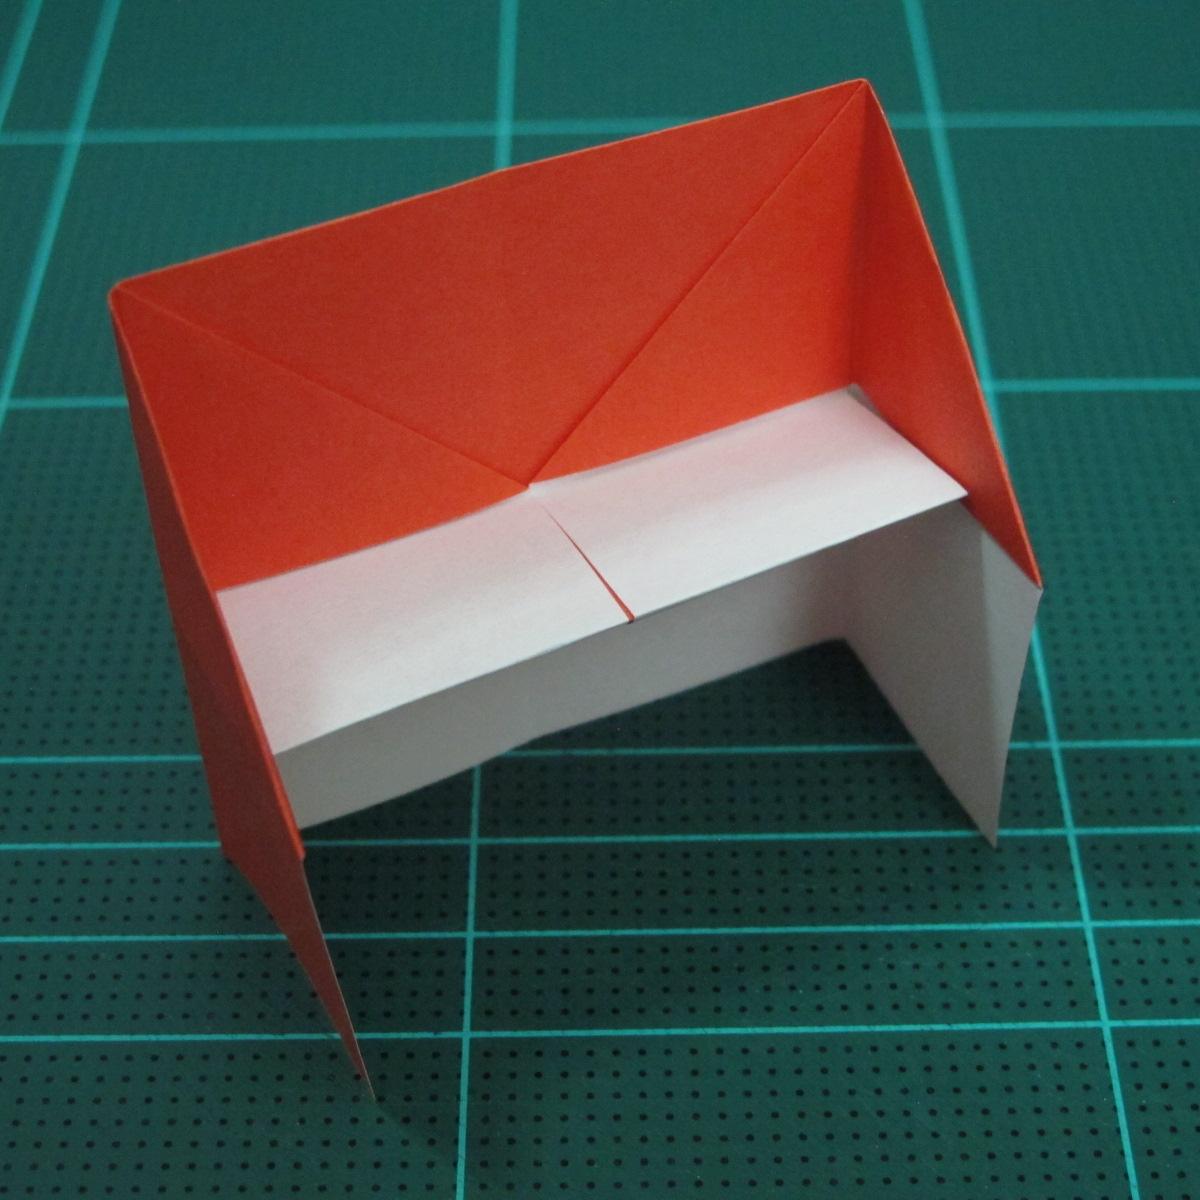 วิธีการพับกระดาษเป็นรูปเปียโน (Origami Piano) 012